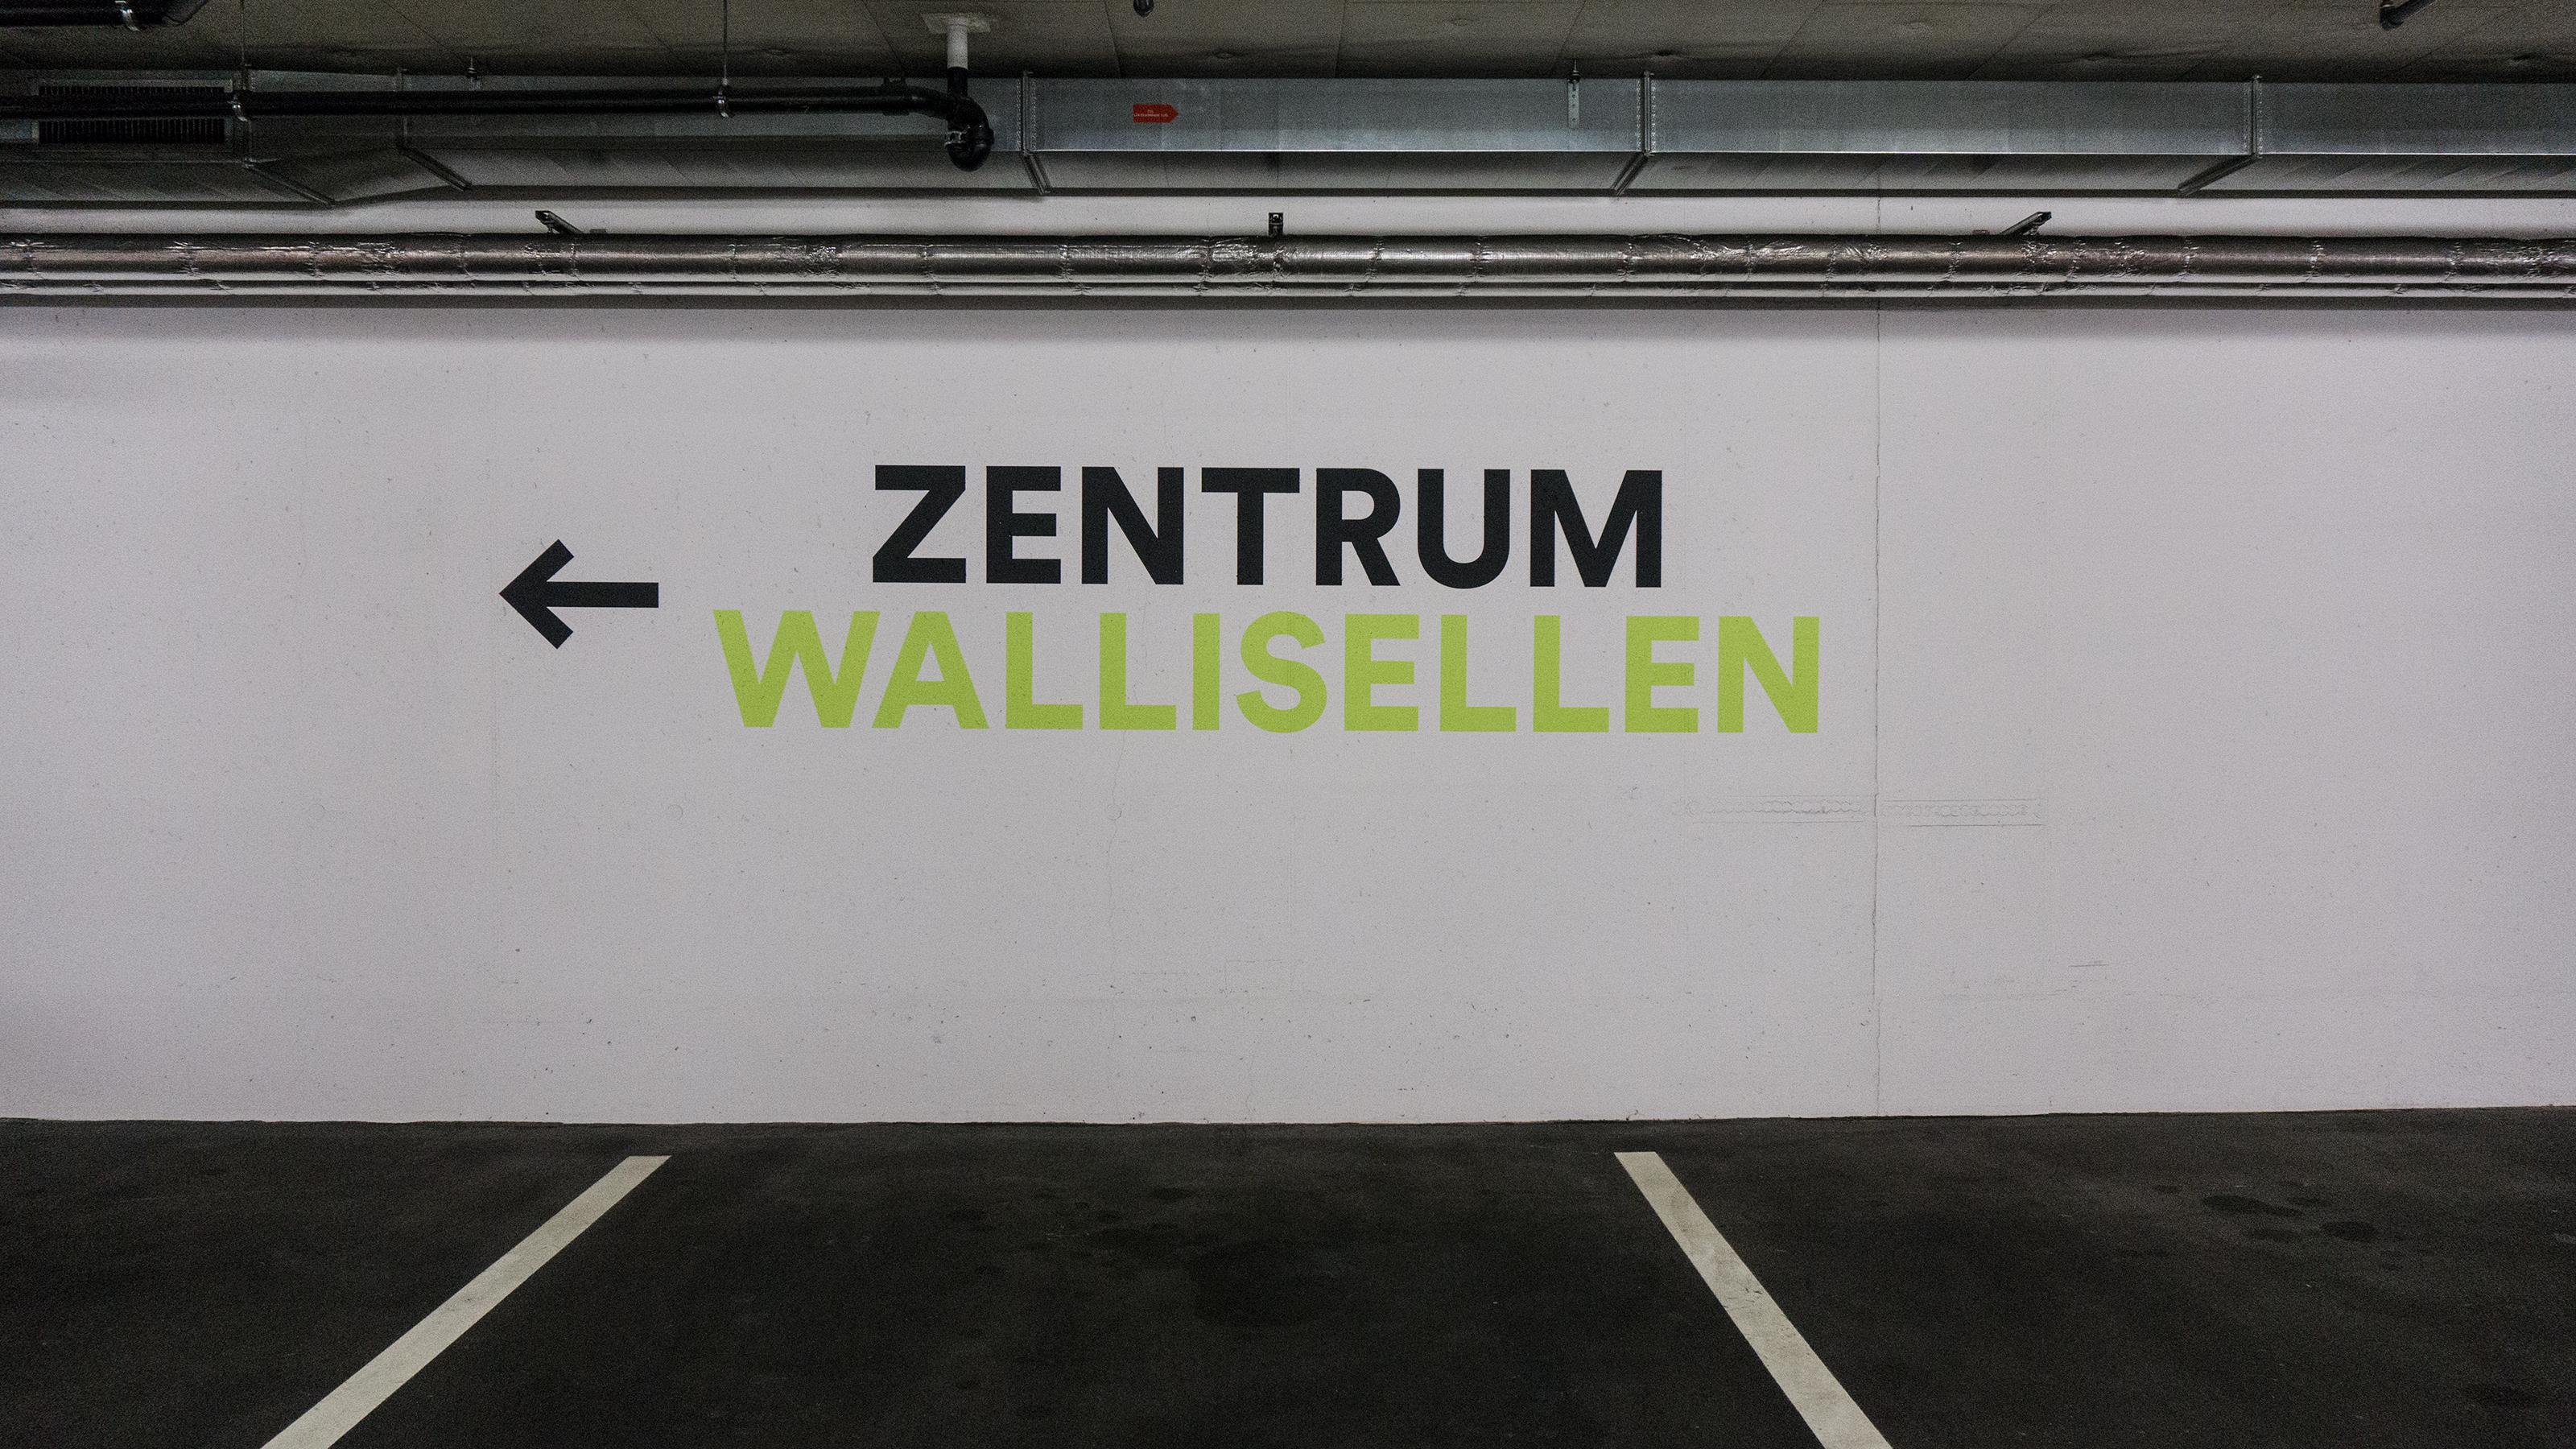 Zentrum Wallisellen - Tiefgarage Wandbeschriftung